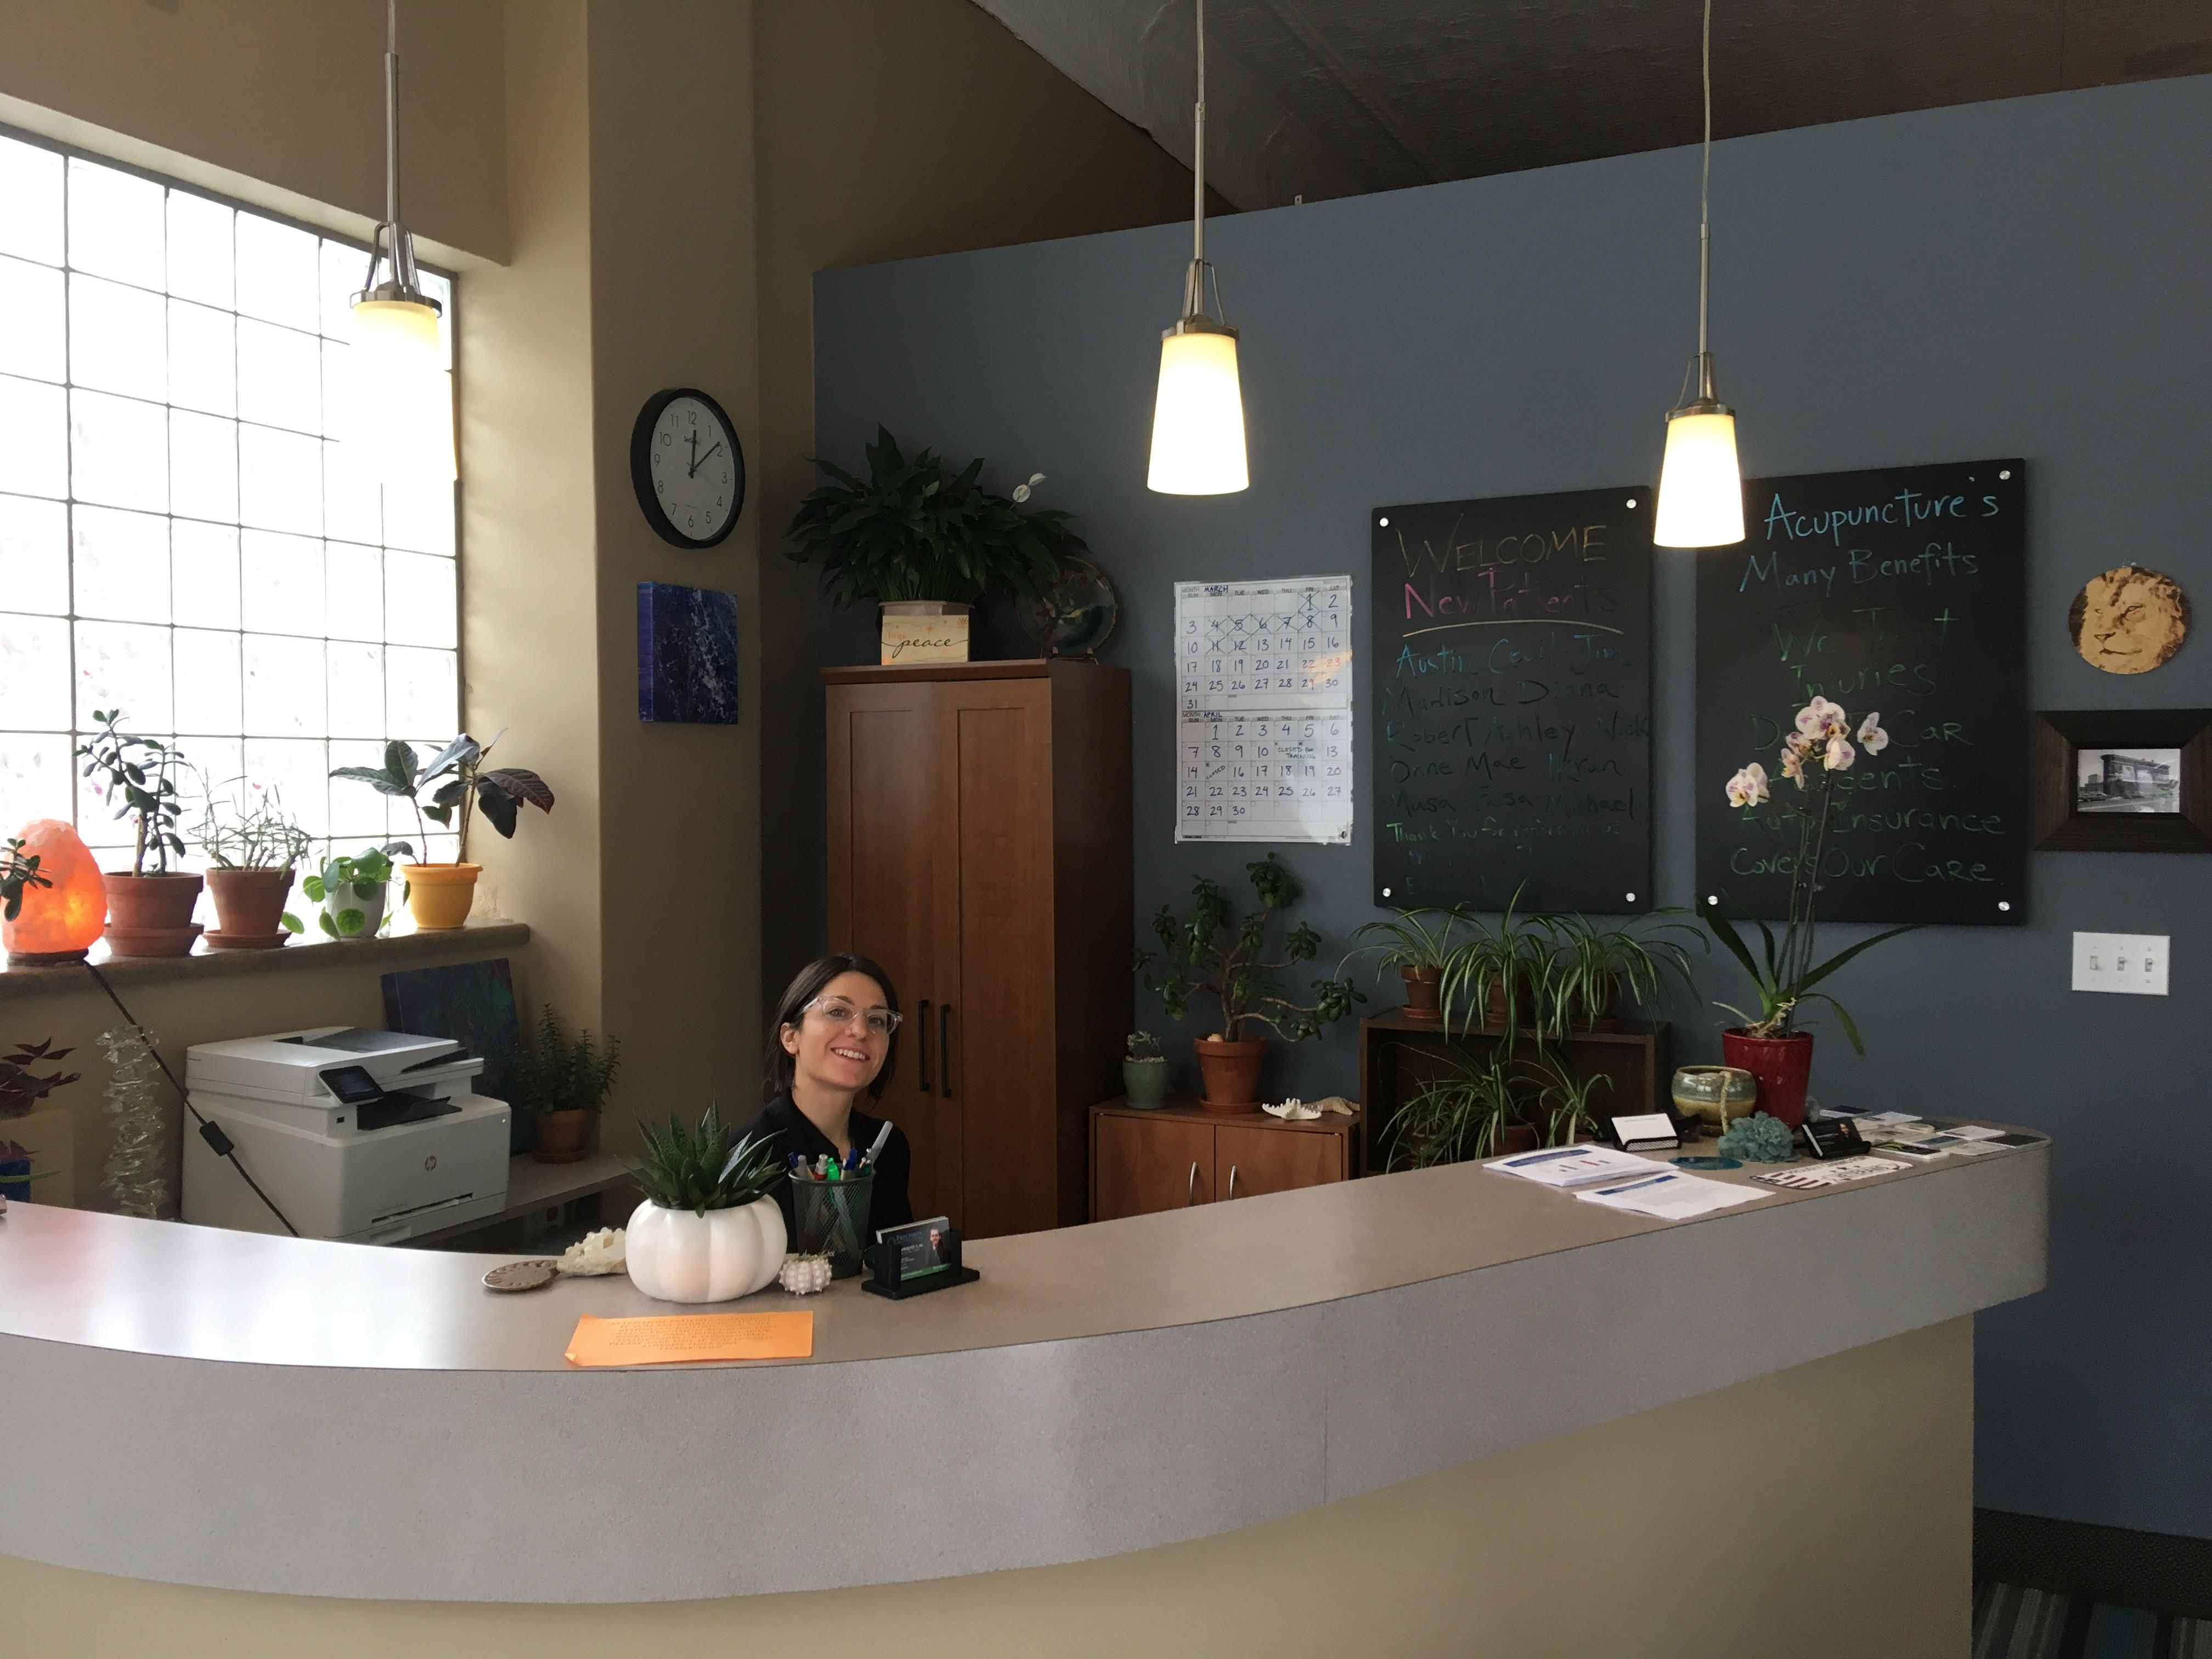 Acupuncture receptionist